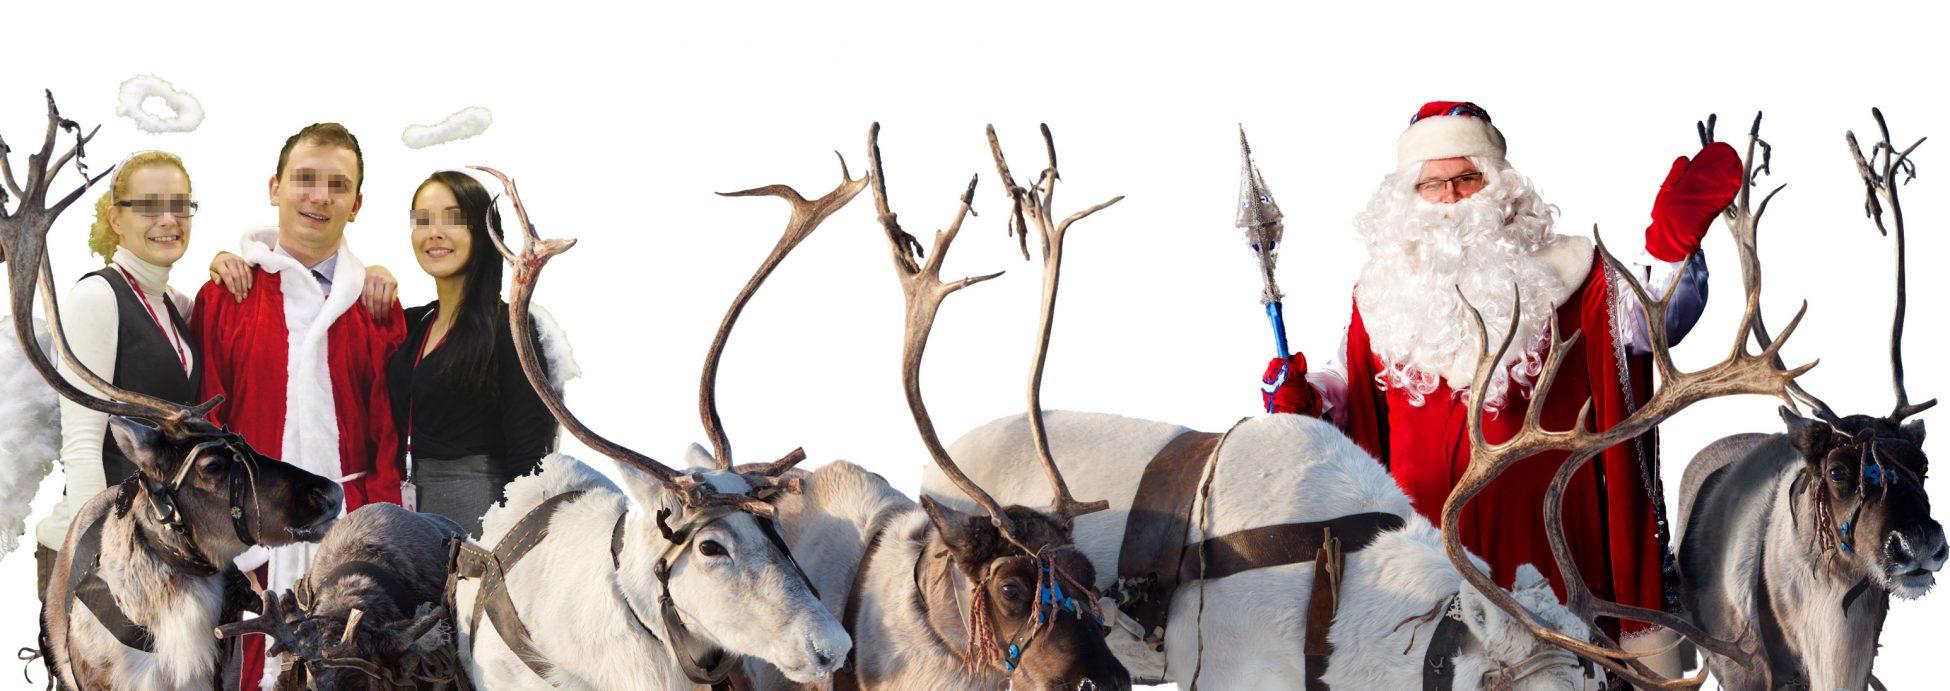 Weihnachtsfeier Fotografie mit Bluescreen